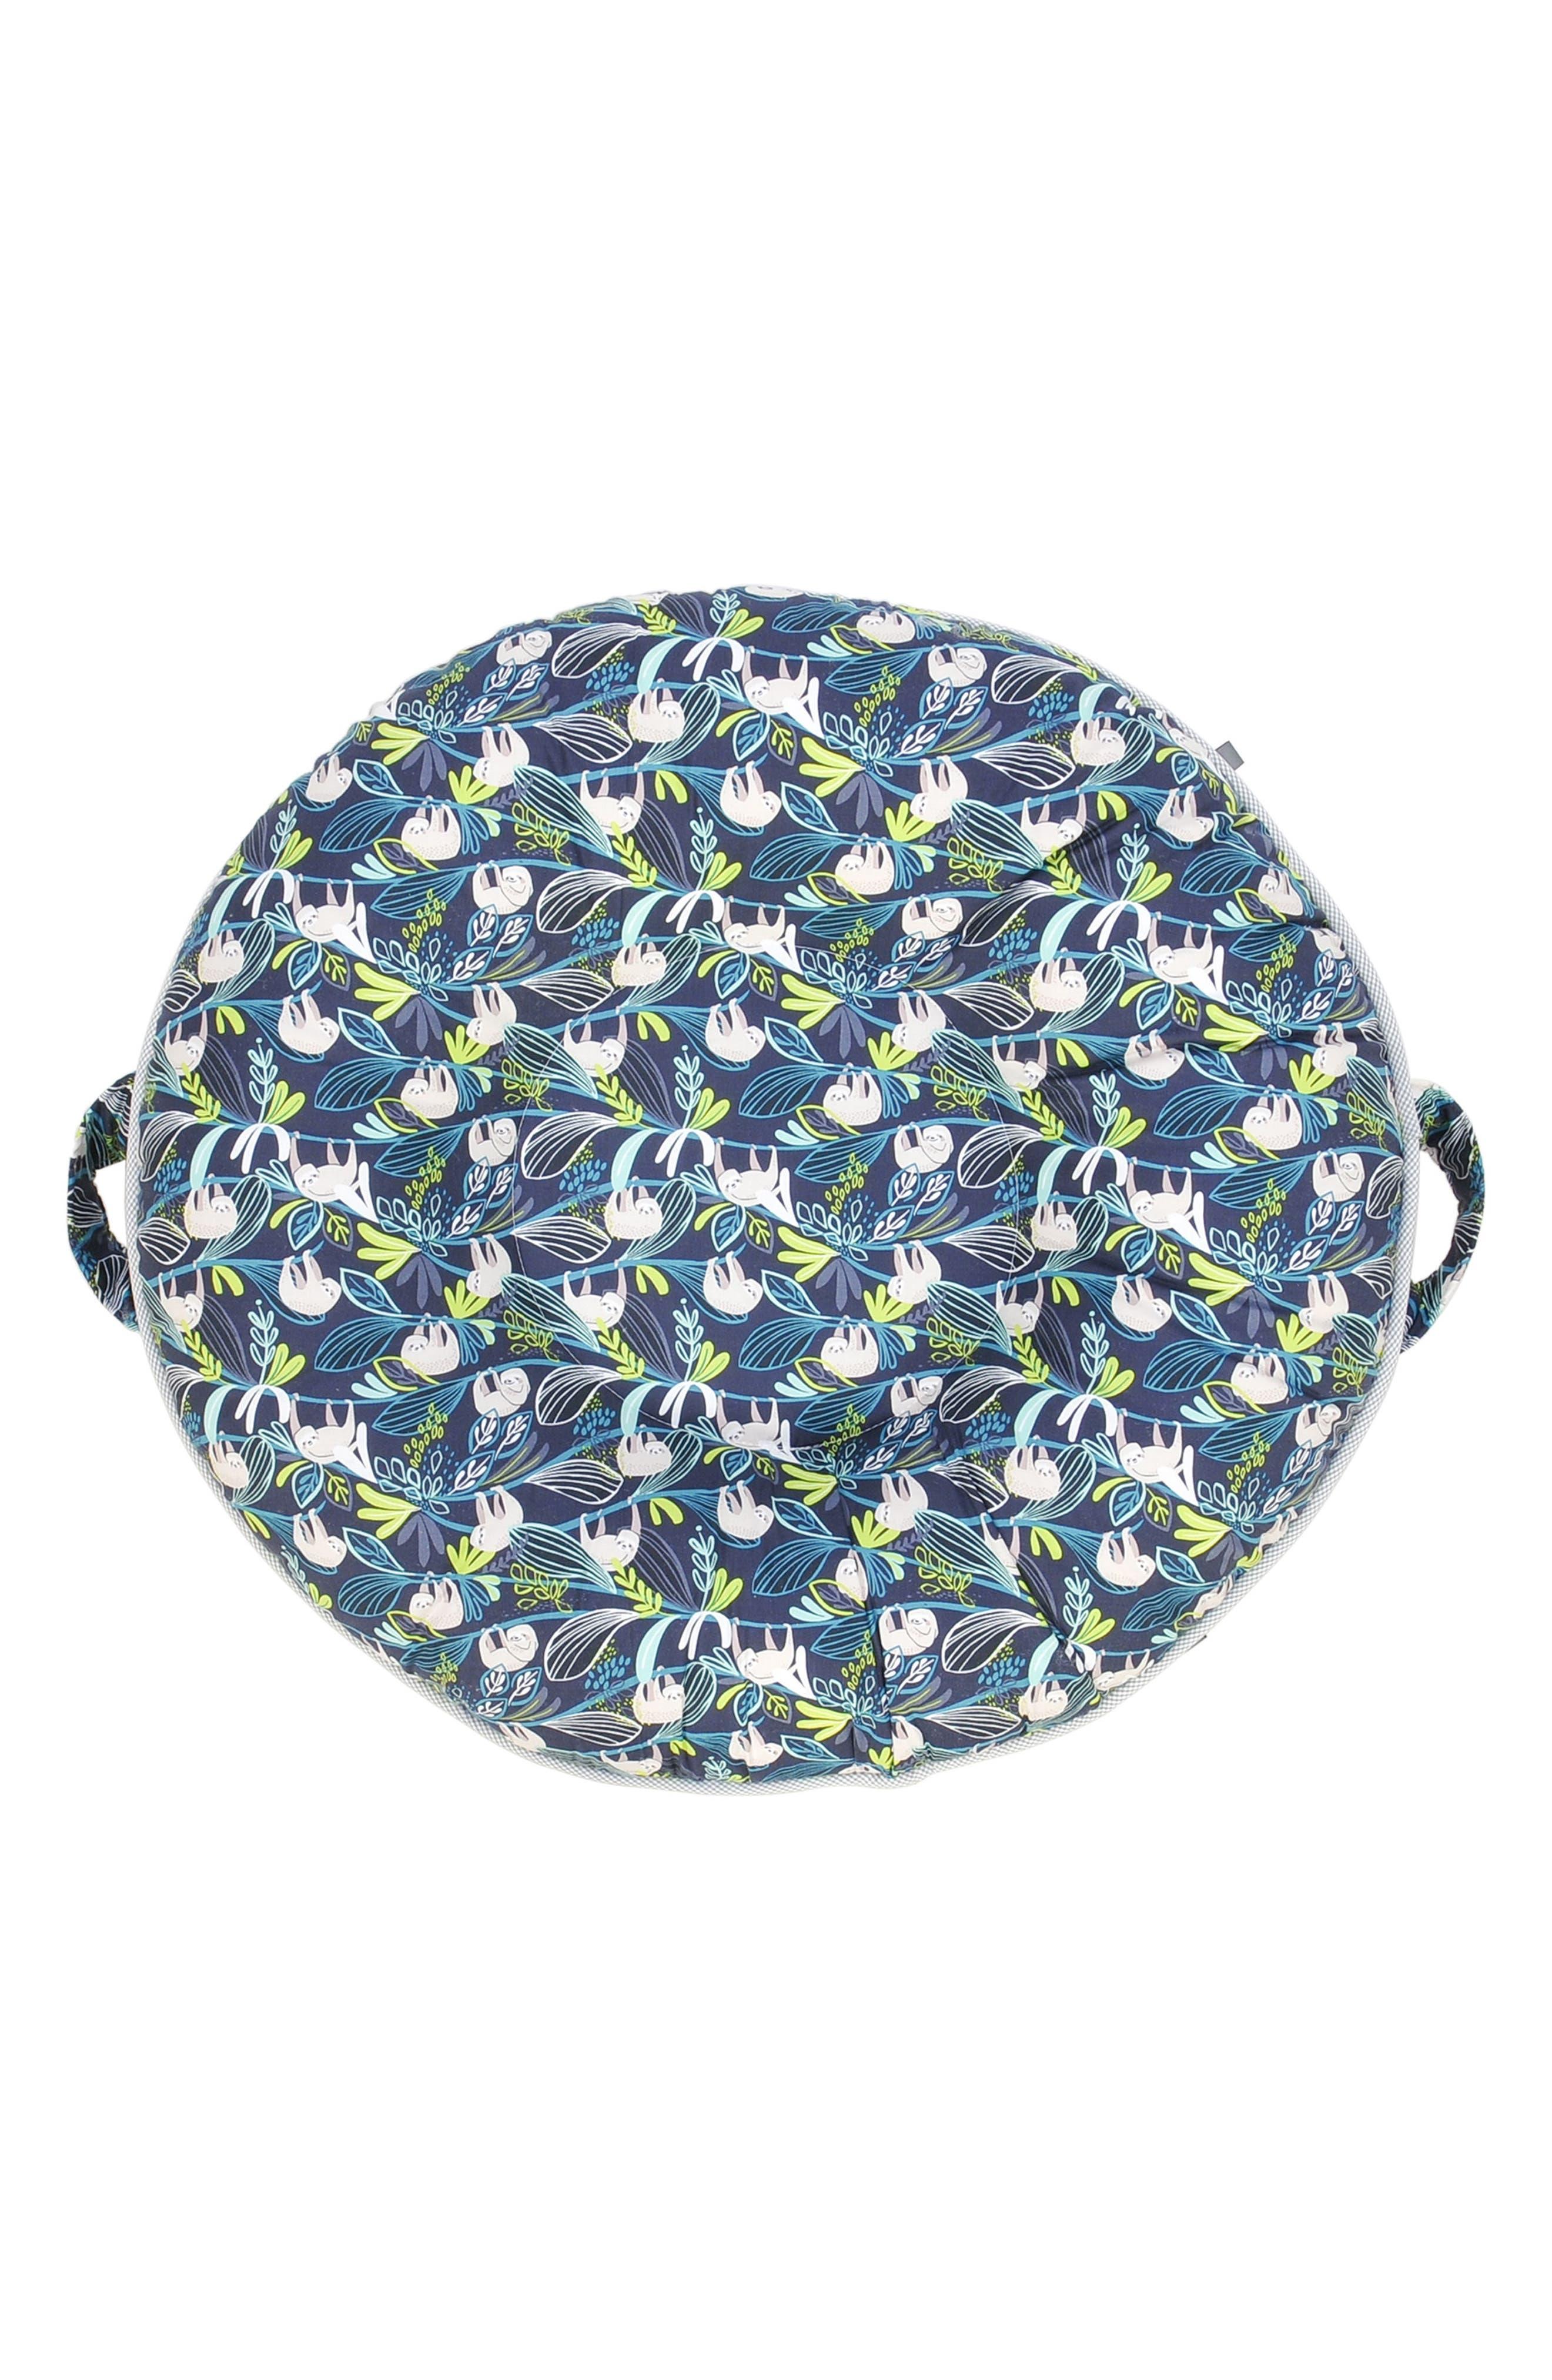 Sammy Luxe Portable Floor Pillow,                             Main thumbnail 1, color,                             Blue/ Gray